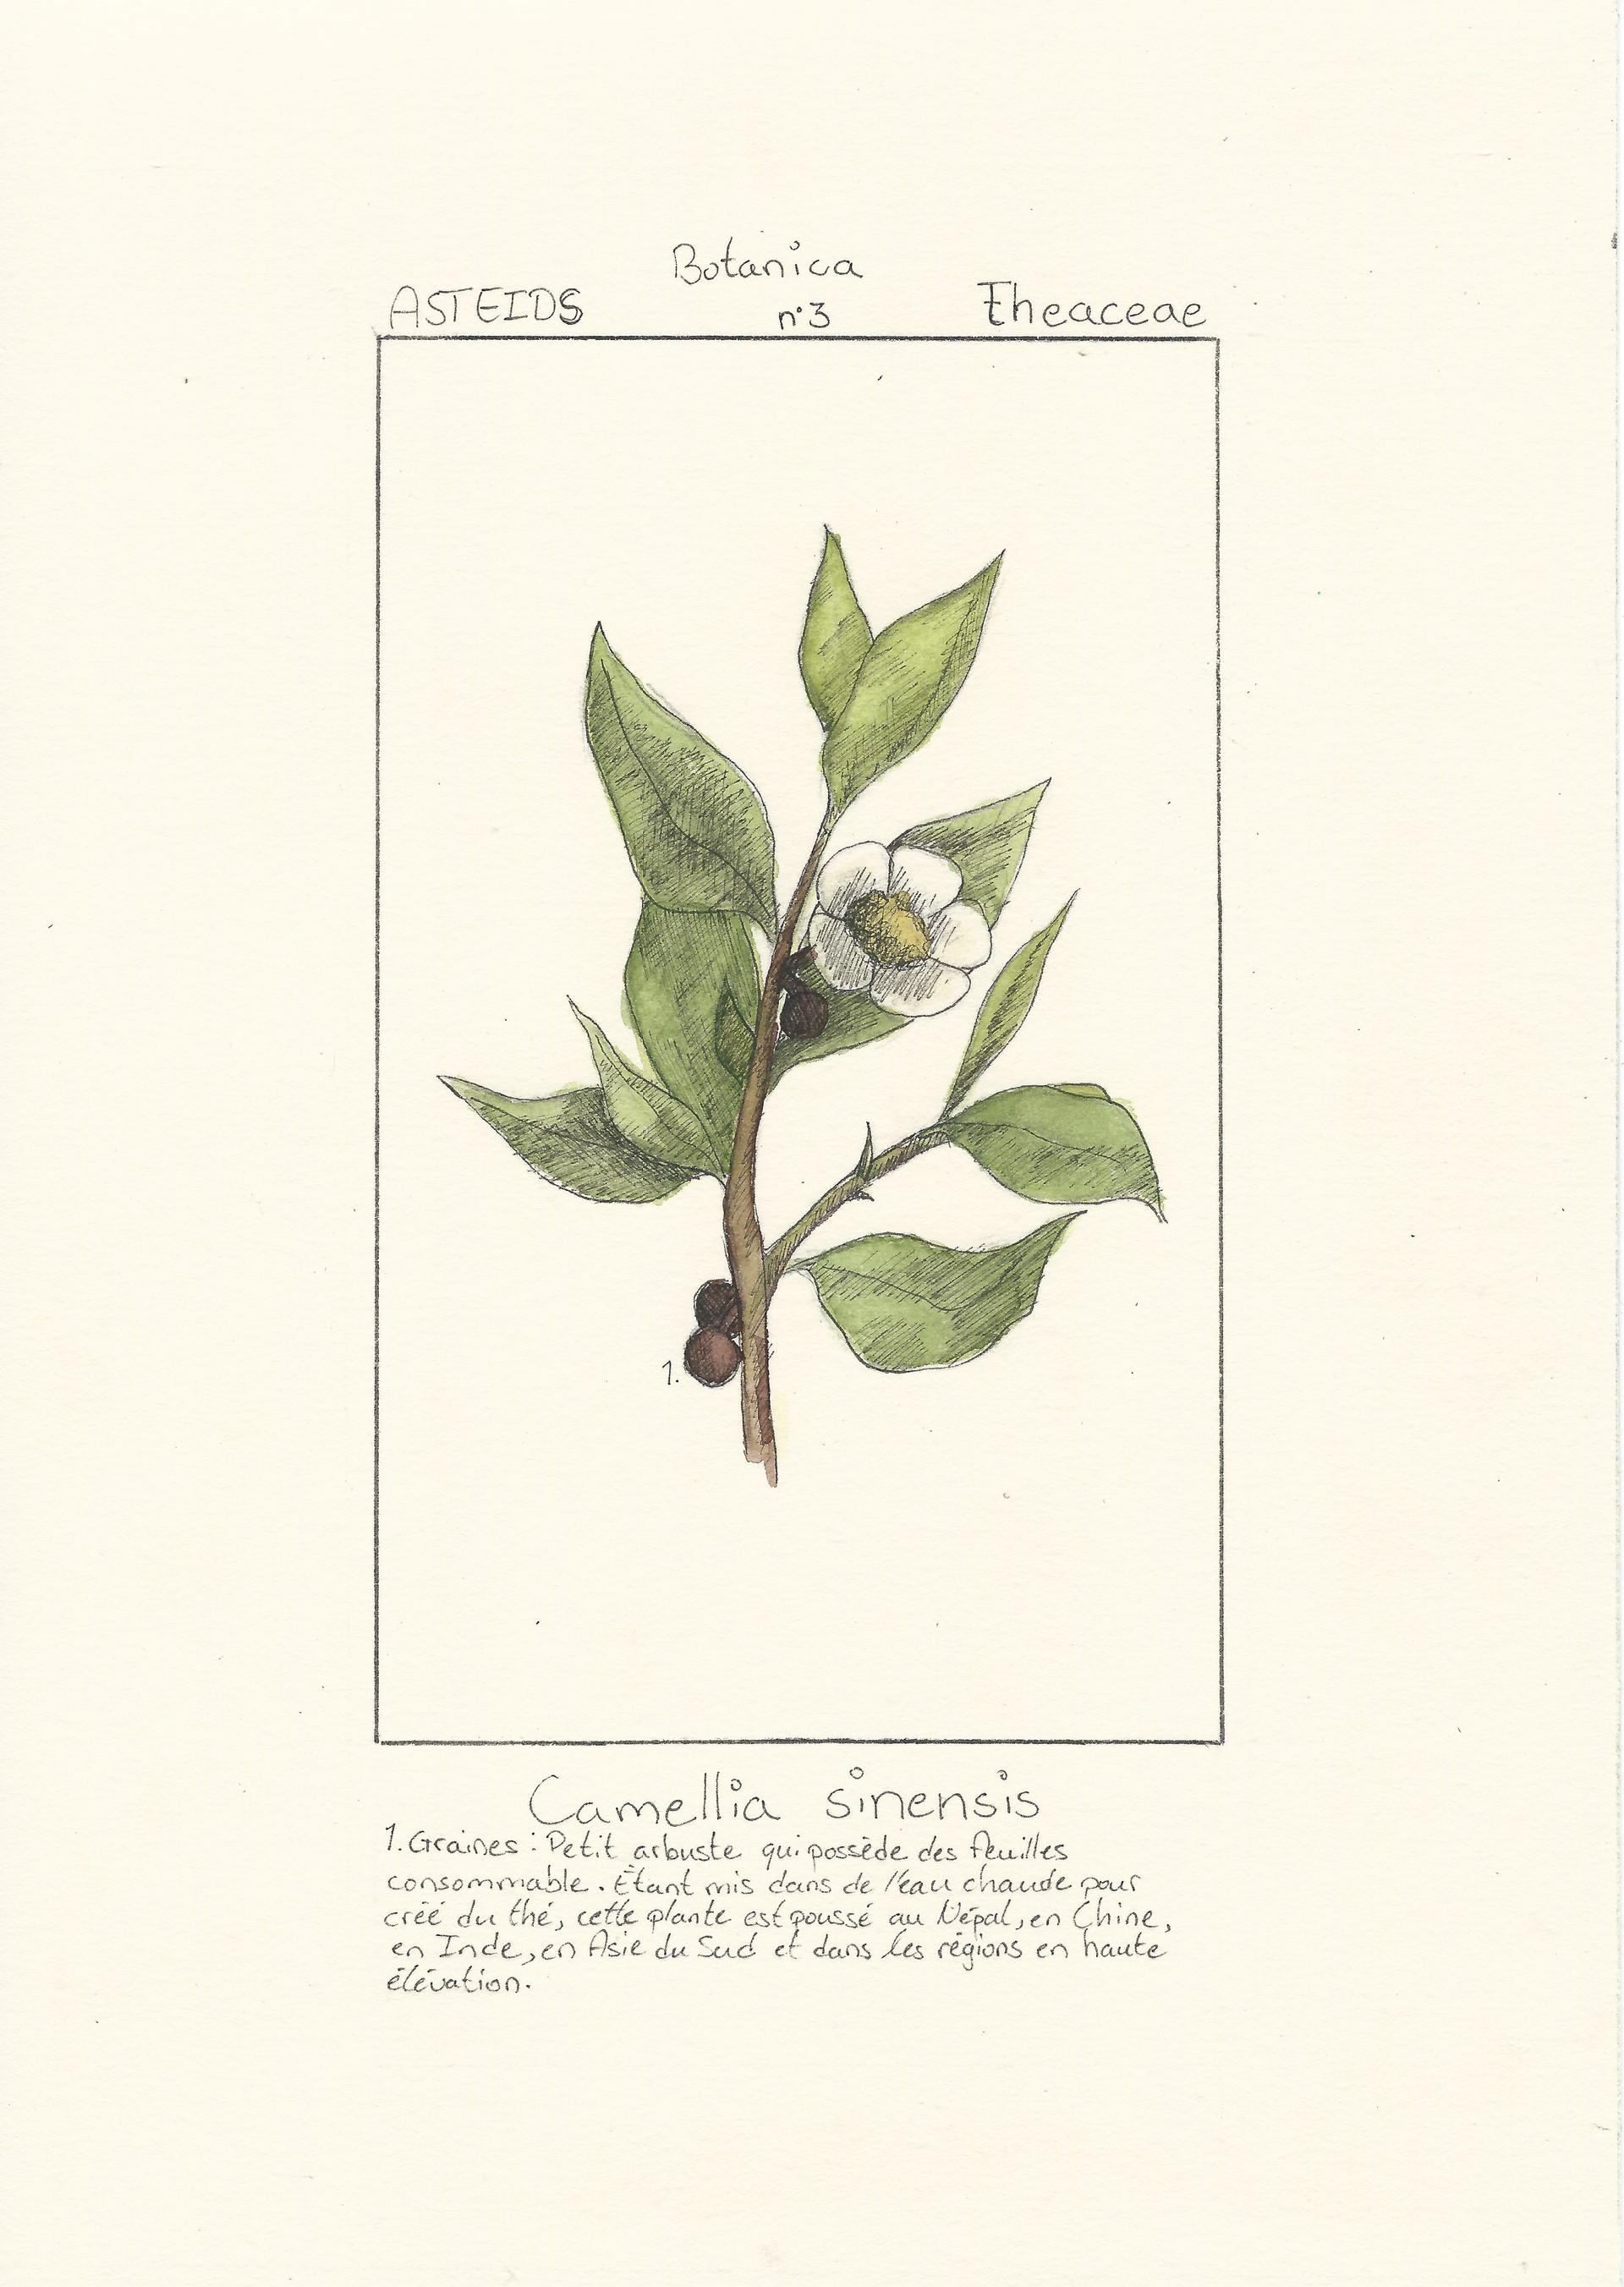 Pierre-Luc Gingras - Botanica 3 (Techniques mixtes)